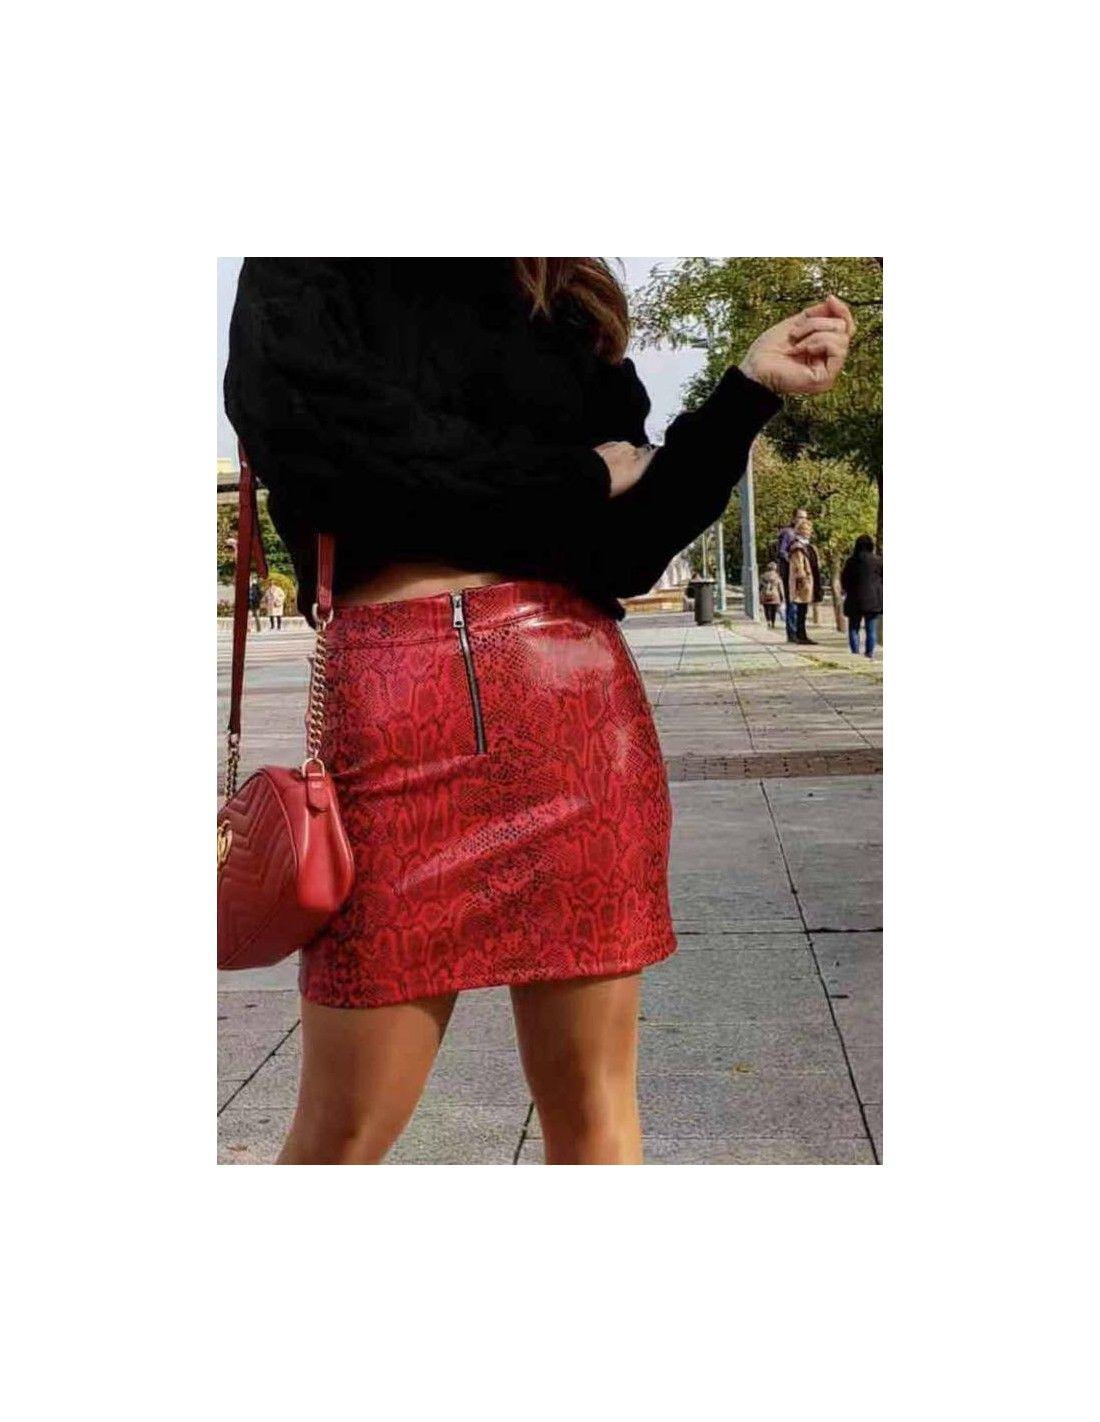 f43868accd Falda Polipiel Roja - Preciosa mini falda roja efecto marmol y cremallera  en el centro.